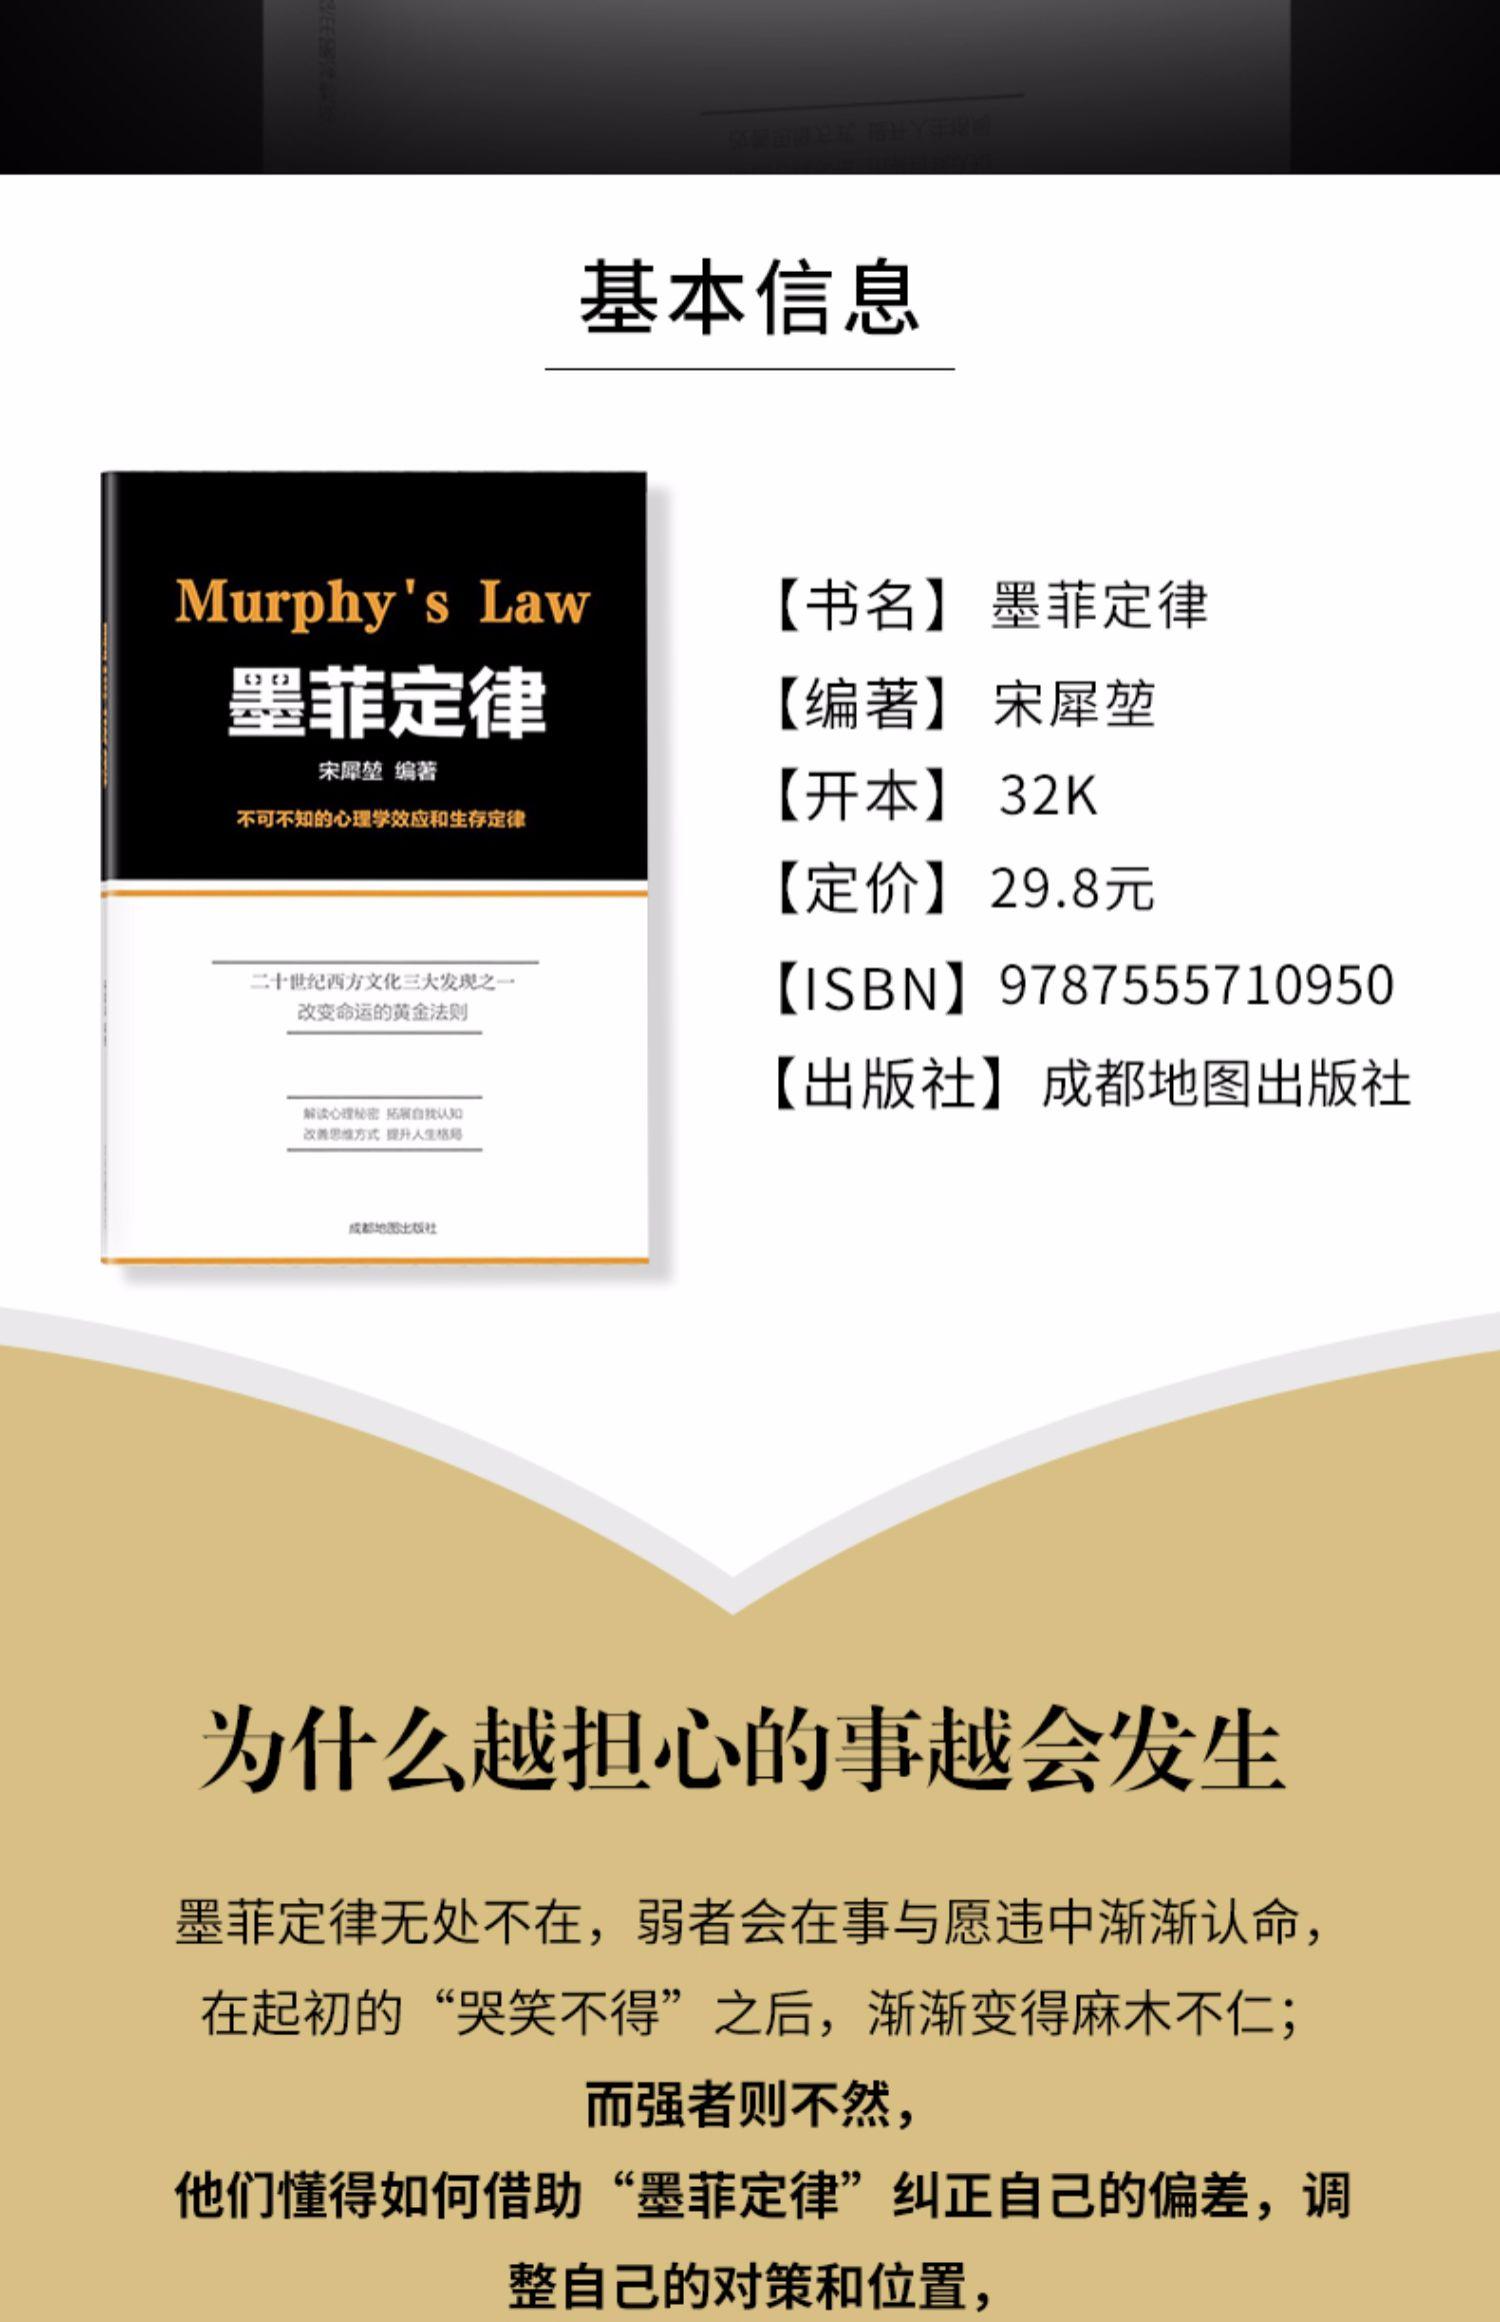 【抖音爆款】墨菲定律人生哲学励志书籍 2